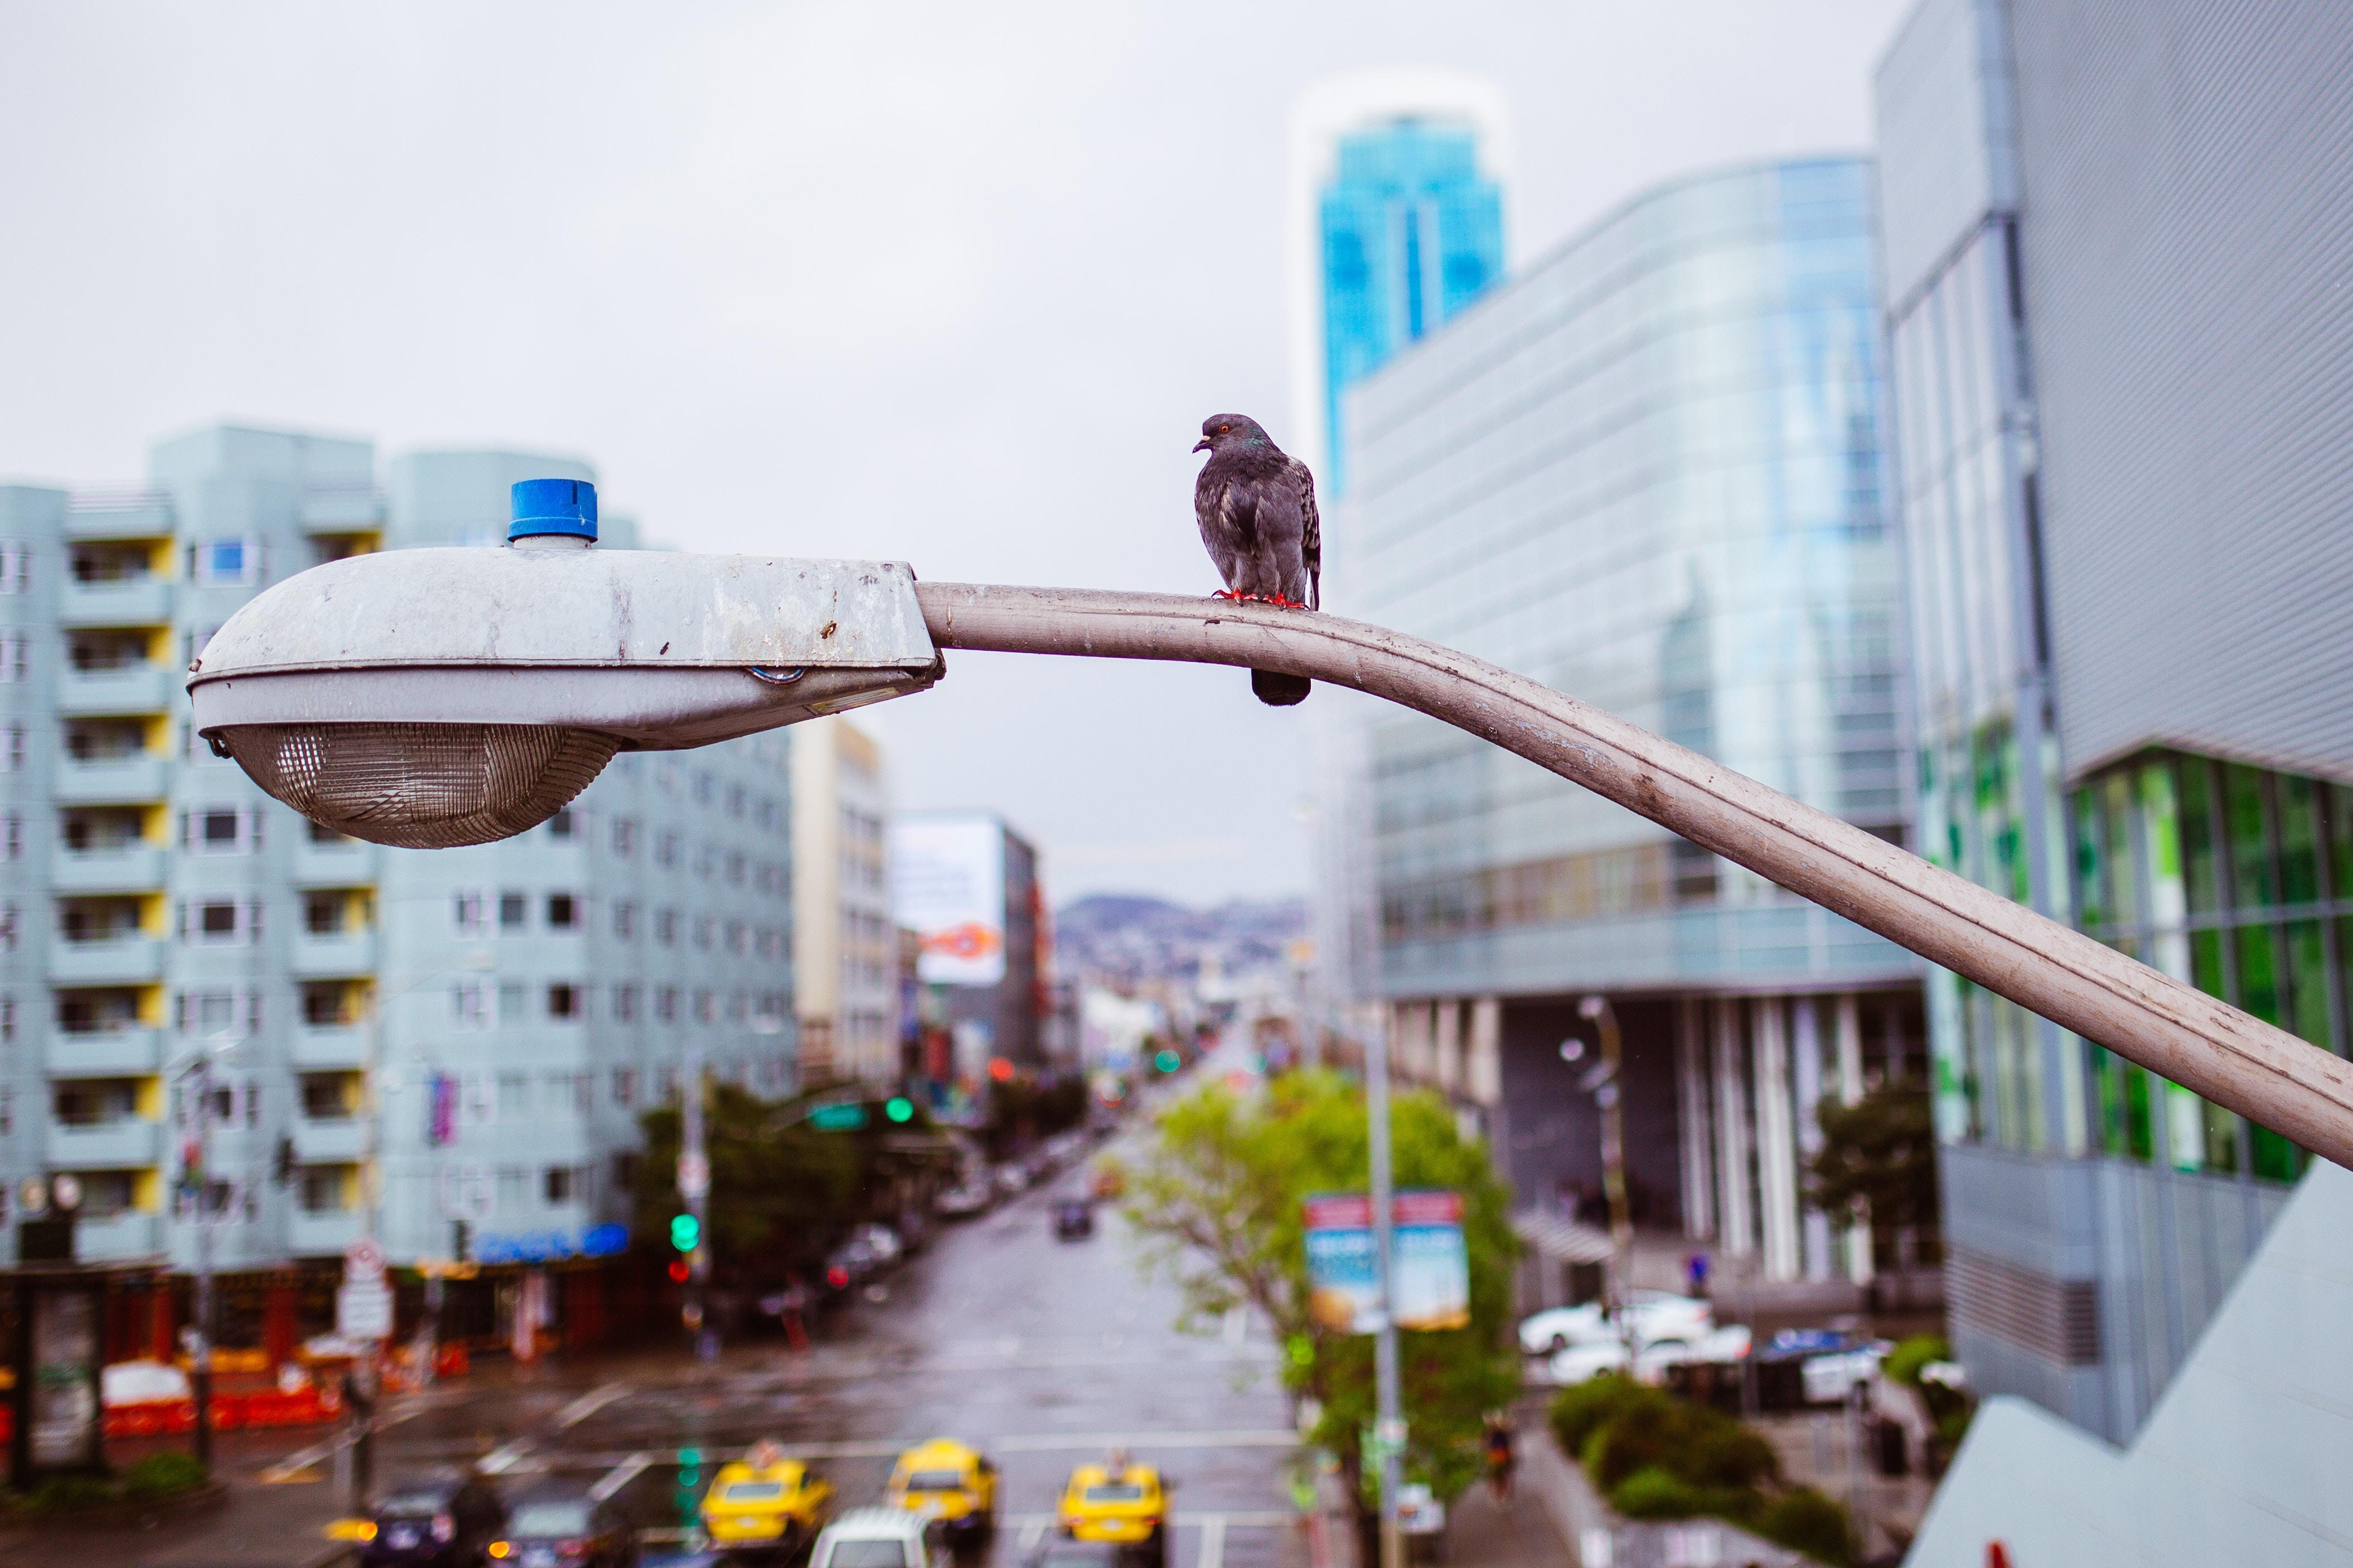 信号機に乗る鳩